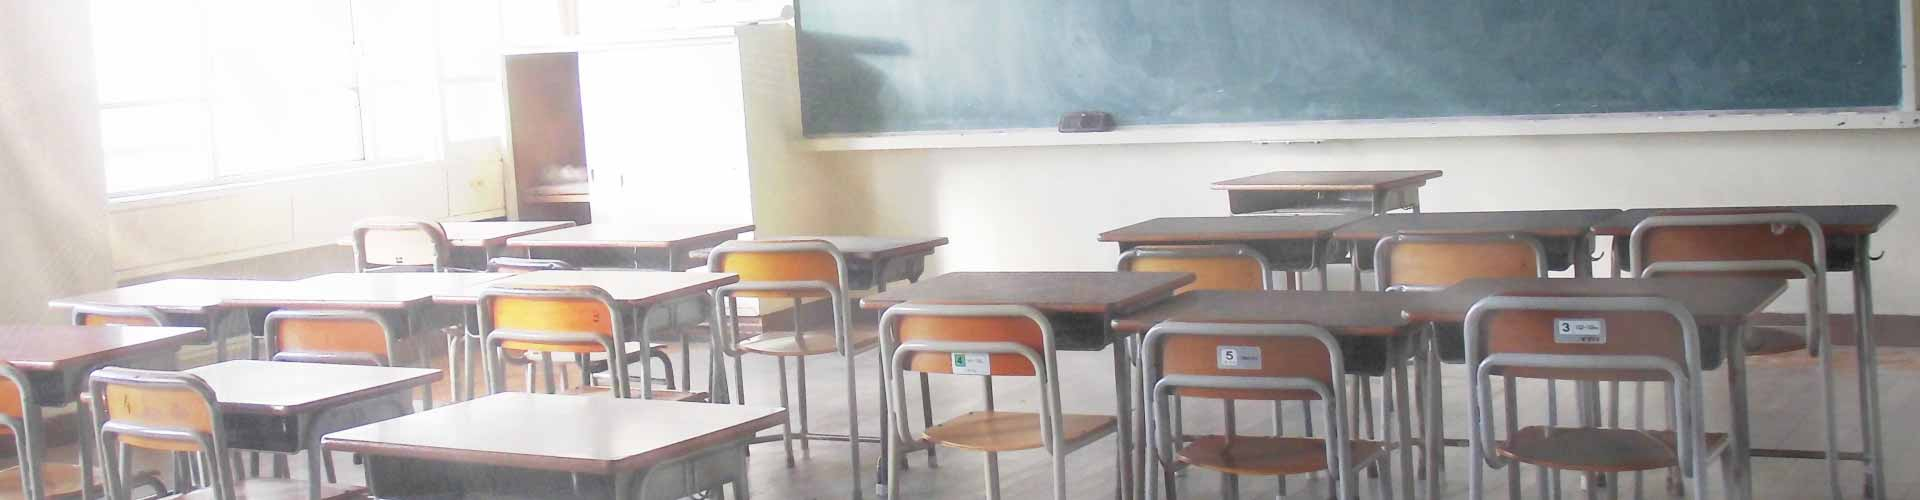 臨時休校のとき、学校からの連絡はどうしてる? ~『きずなネット学校連絡網』利用校インタビュー~